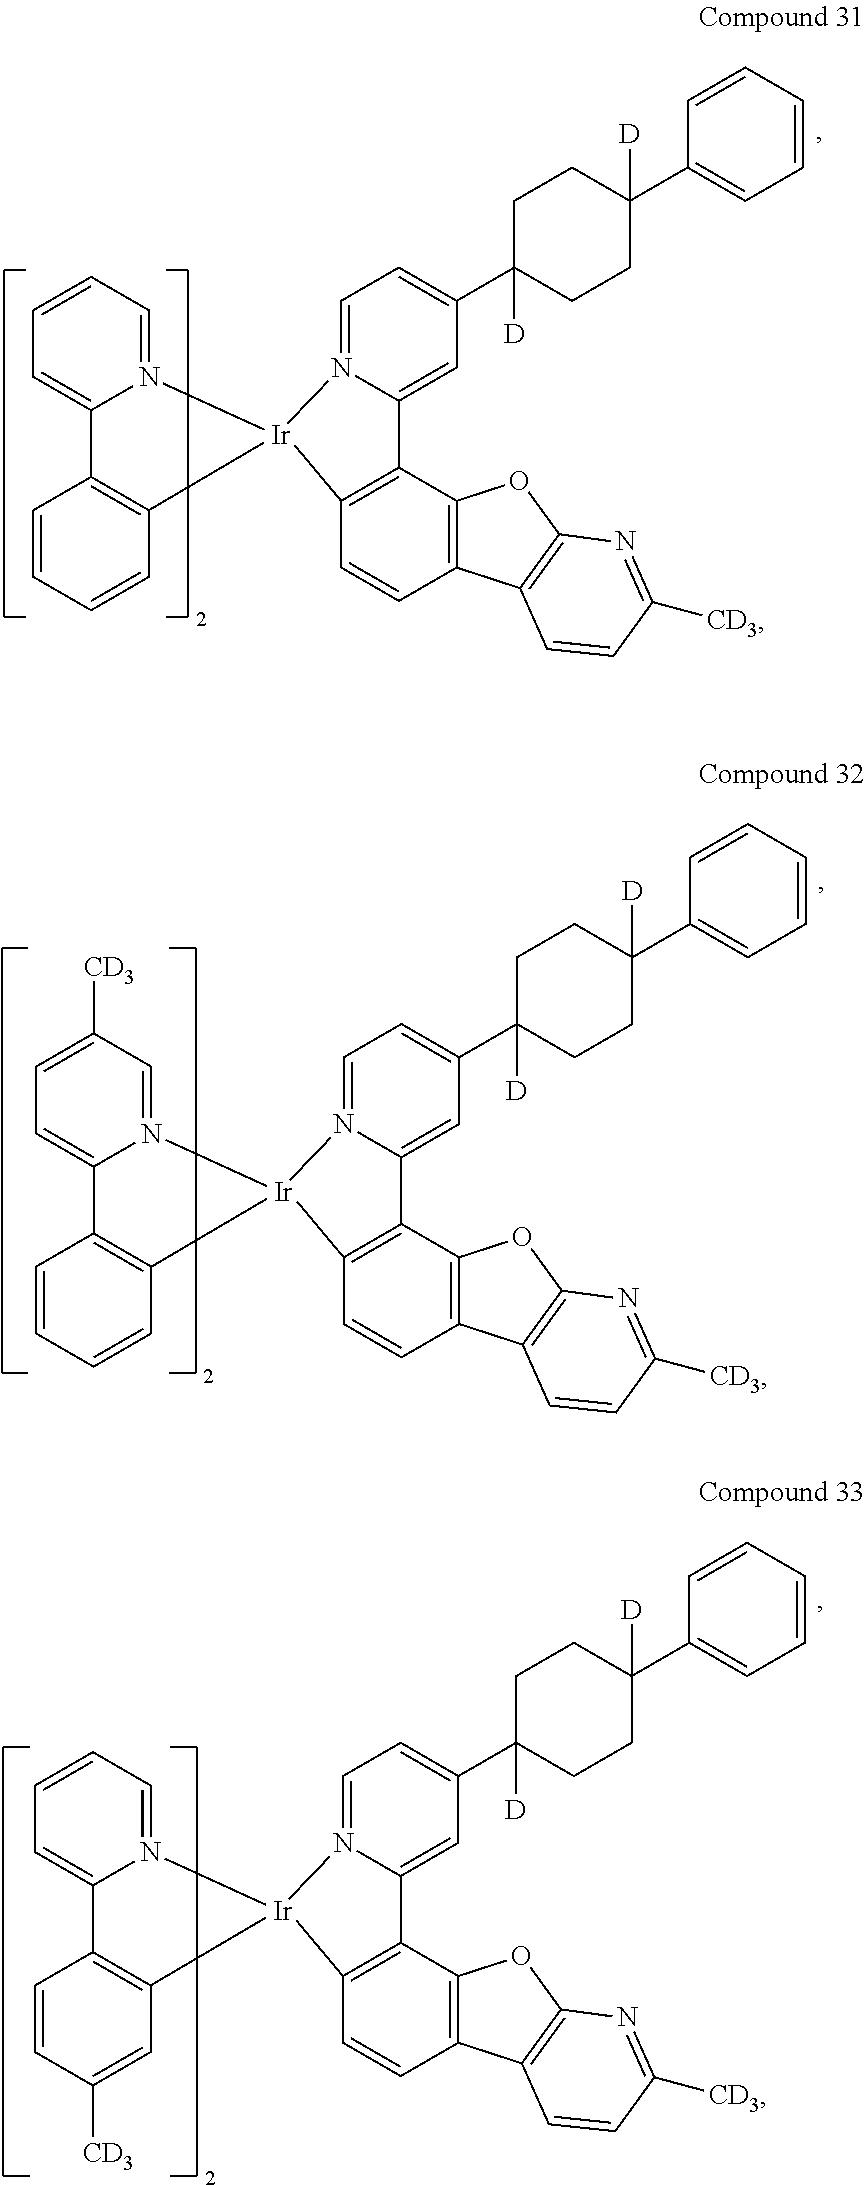 Figure US20180076393A1-20180315-C00164